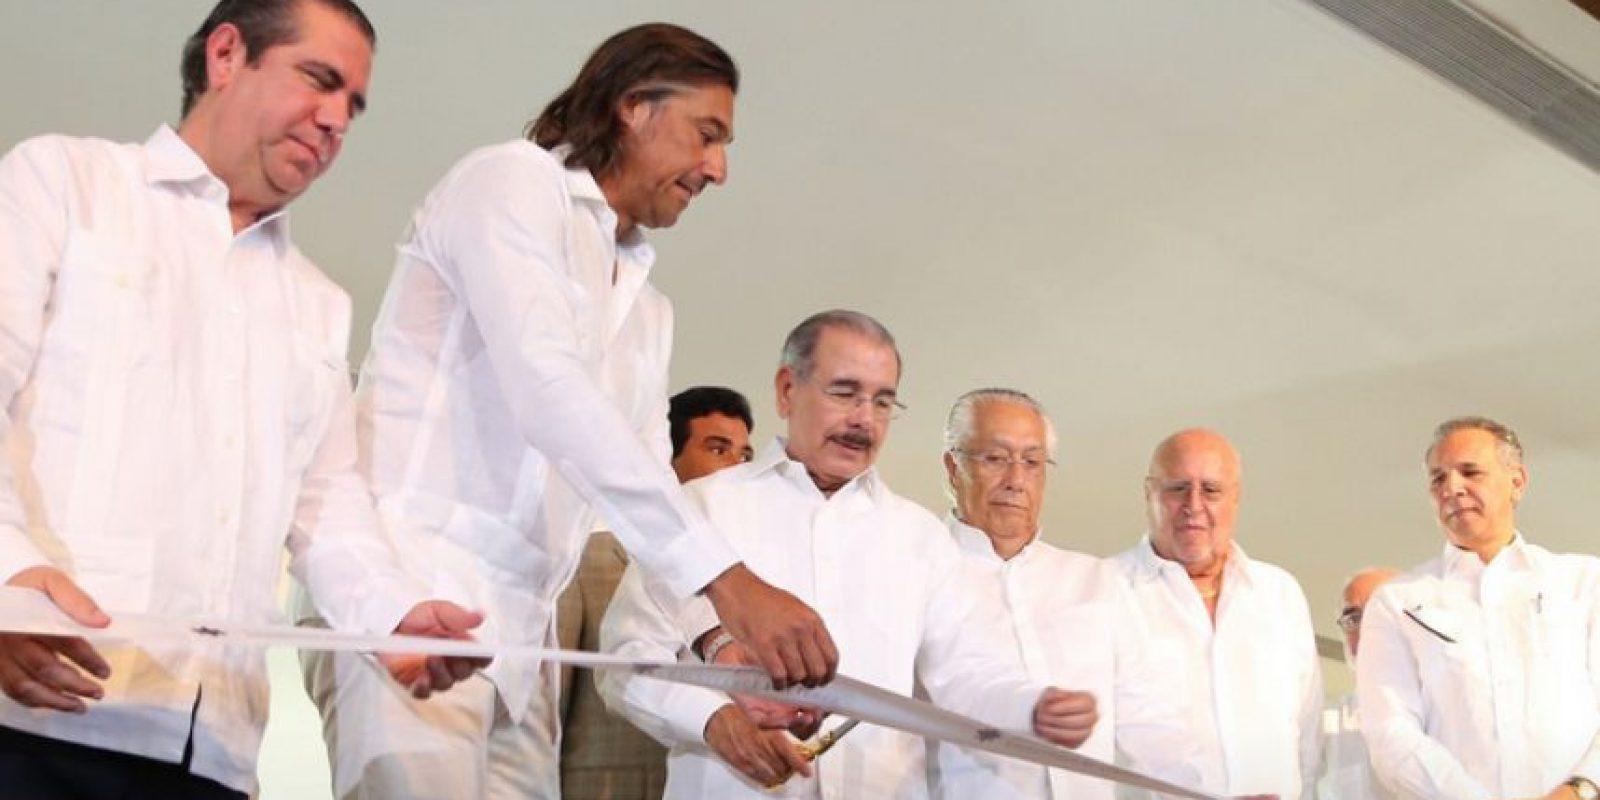 El presidente Medina junto a los ejecutivos del Hotel Foto:Fuente Externa